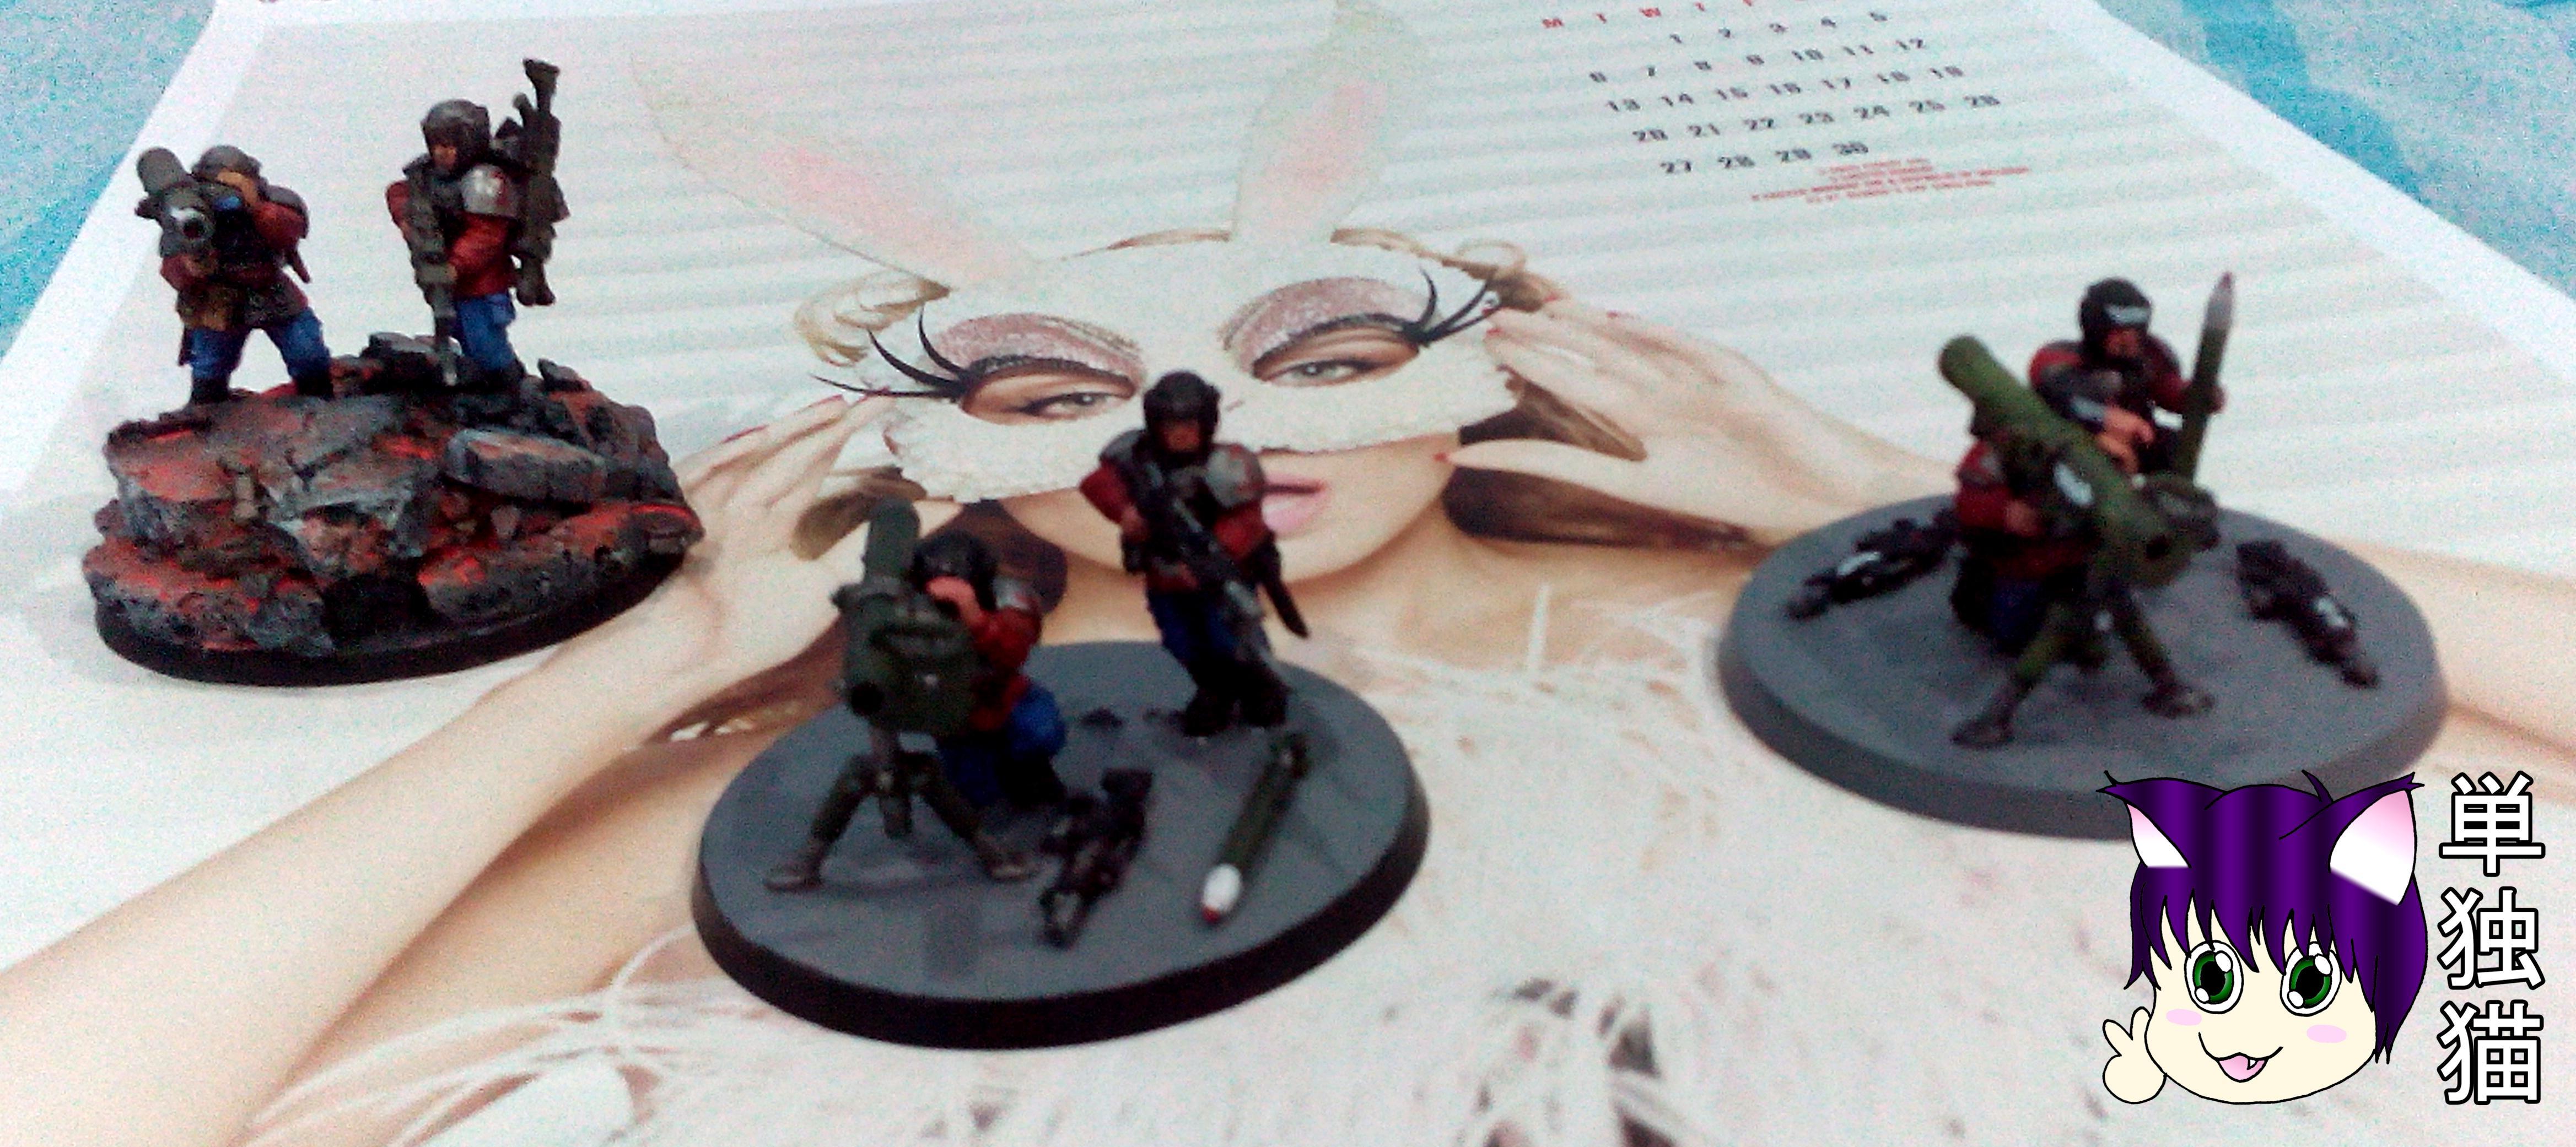 000 Pts Minogue K.1st Imperial Guard Regiment, Bazooka Team, Lone Cat's 1